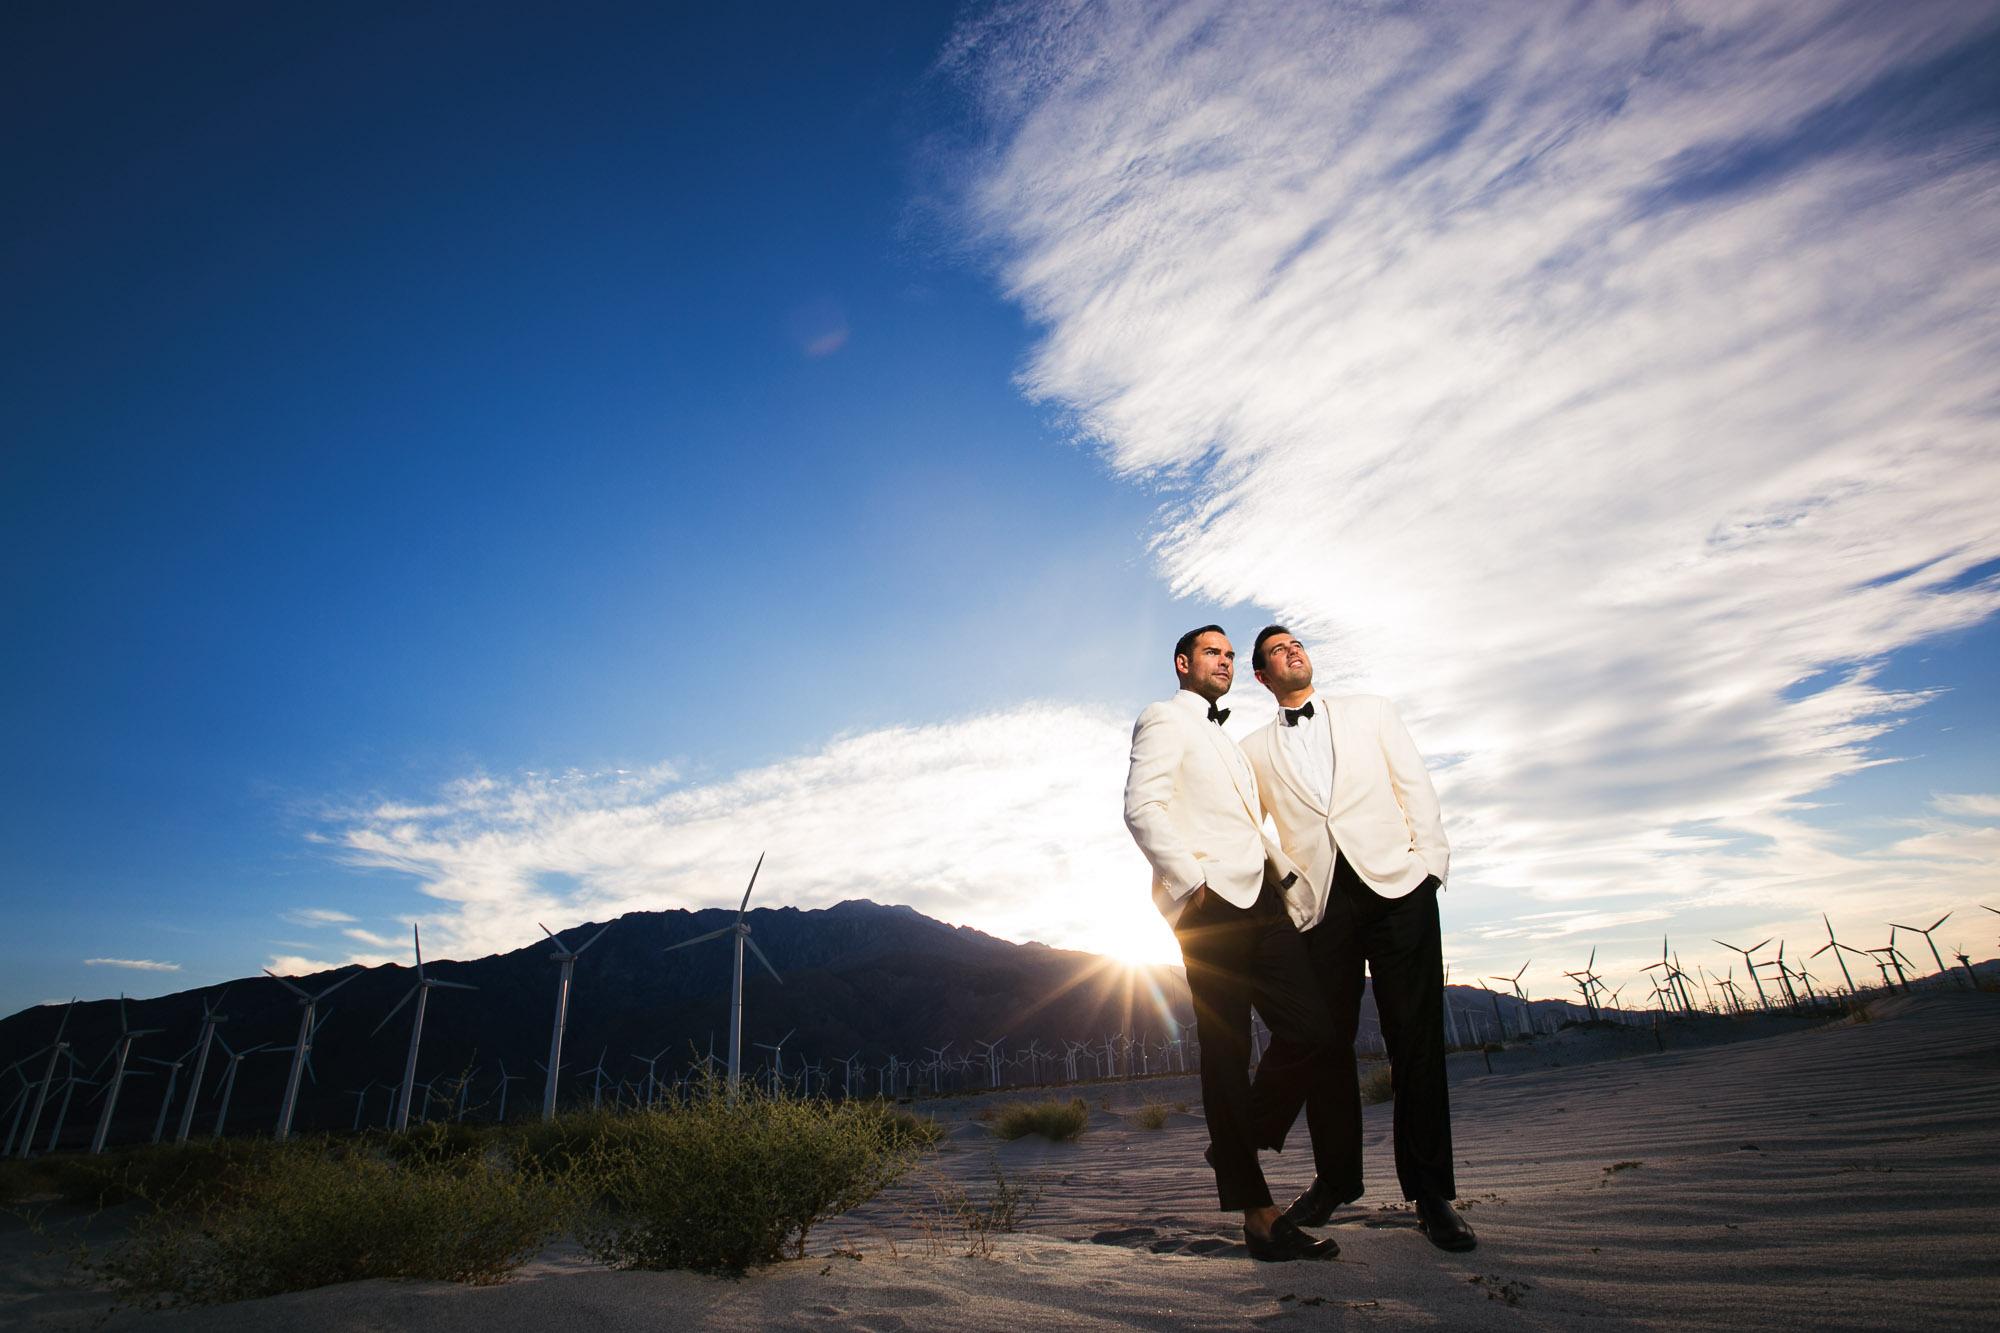 508-151025-Shane-Josh-Wedding-2395-Edit